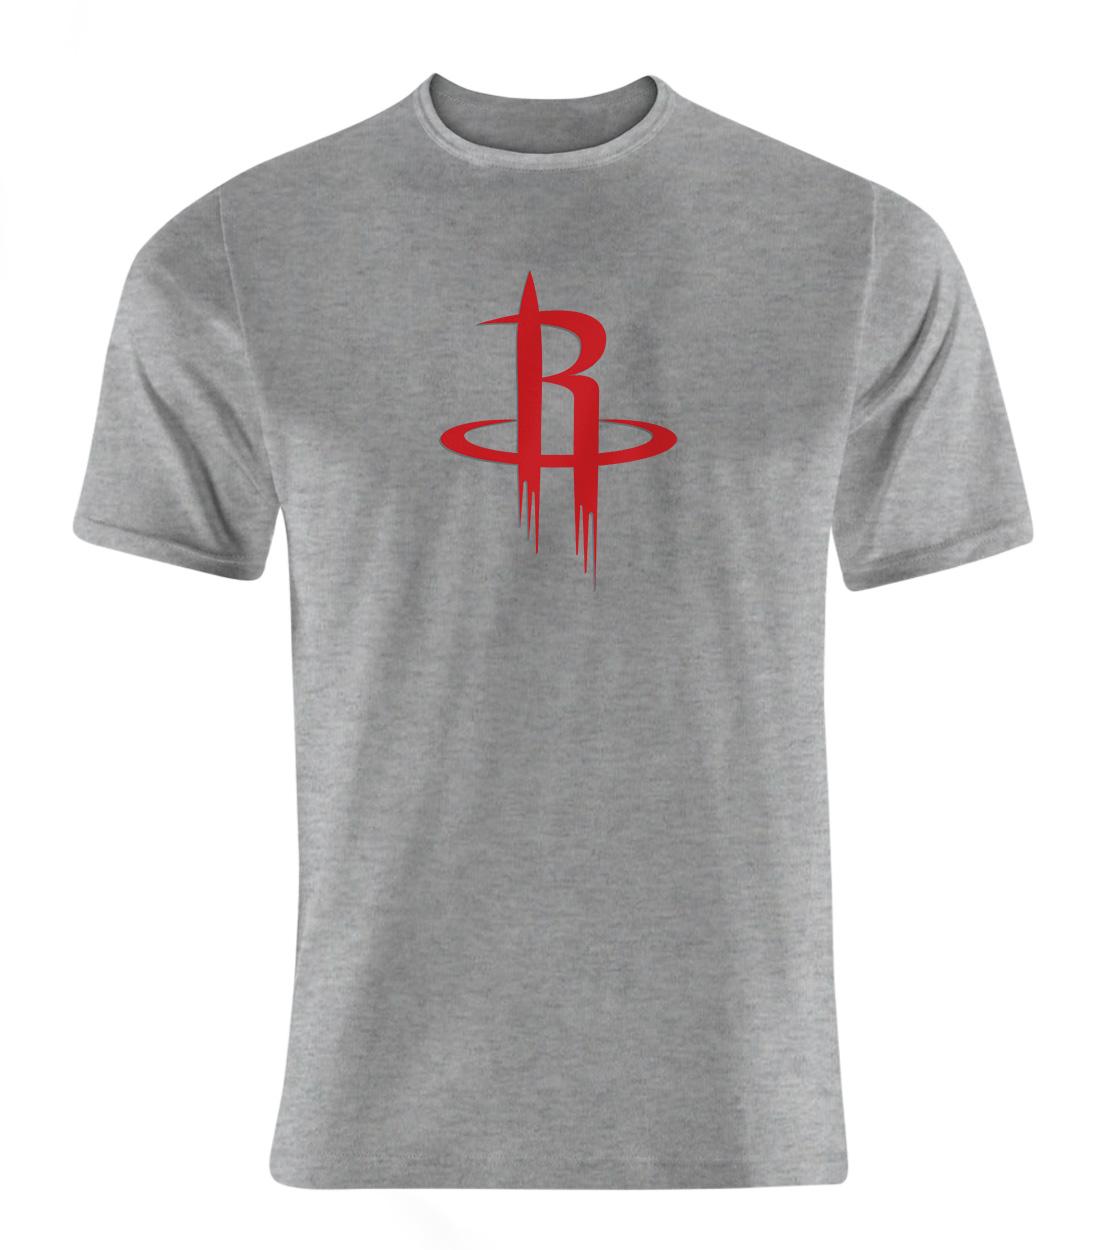 Houston Rockets Logo  Tshirt (TSH-GRY-NP-114-NBA-HOU-LOGO)